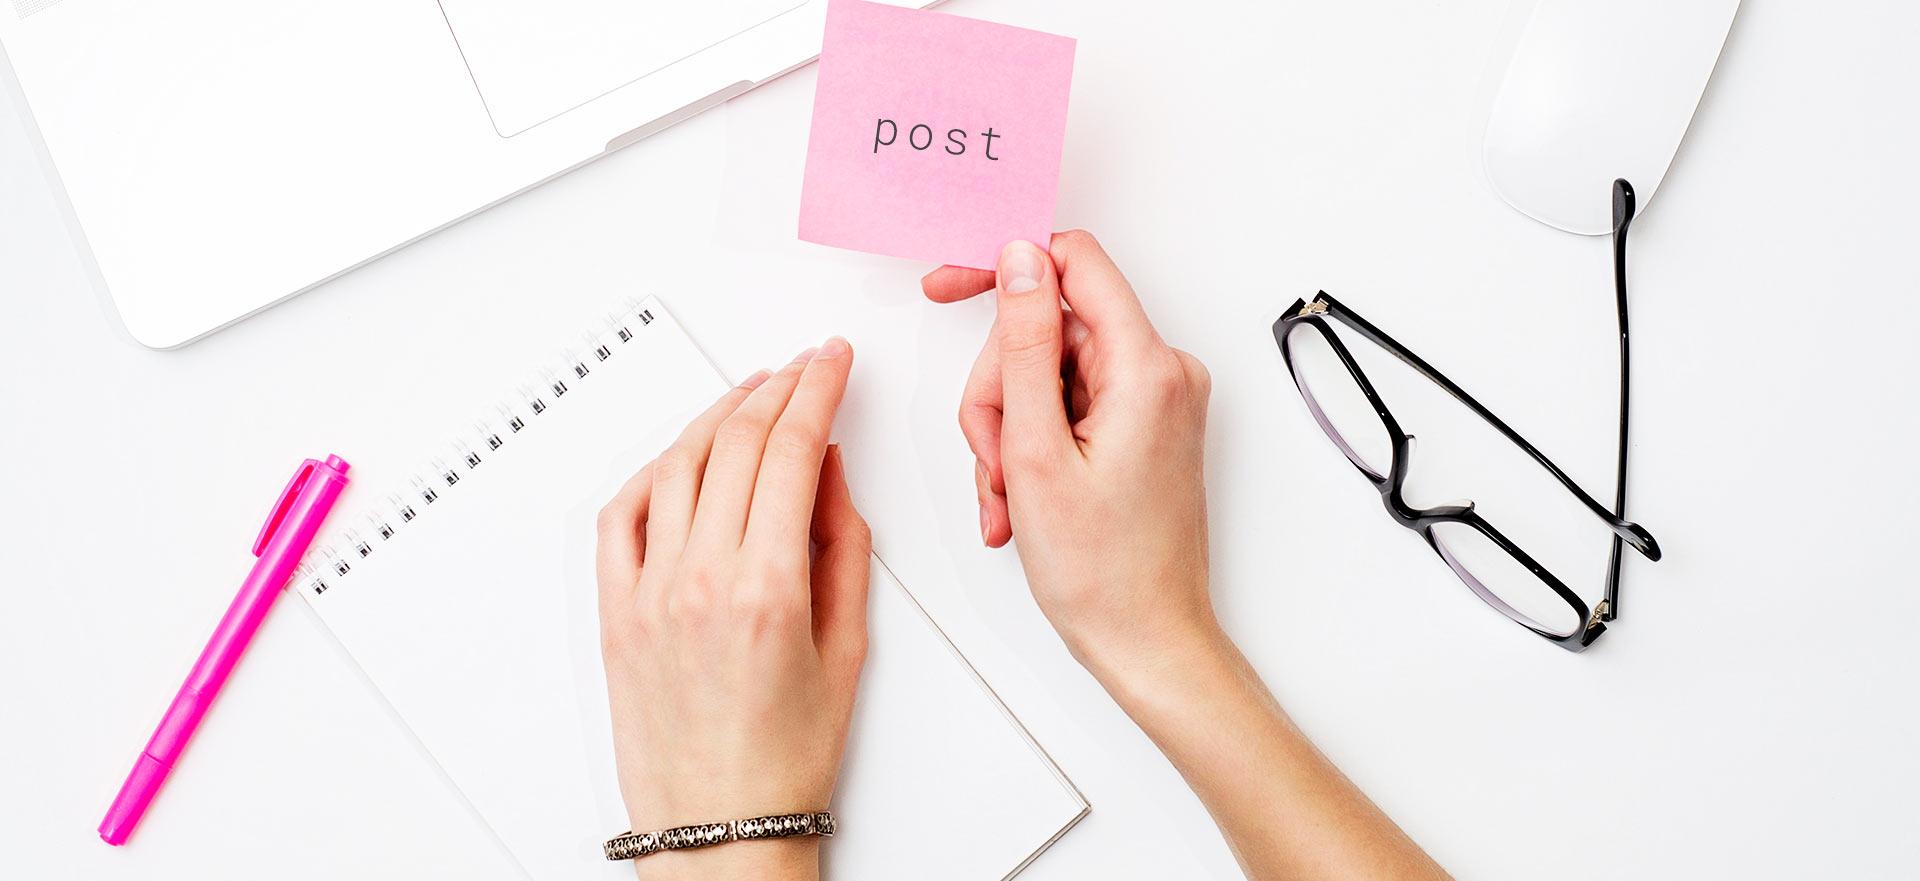 Как правильно написать пост